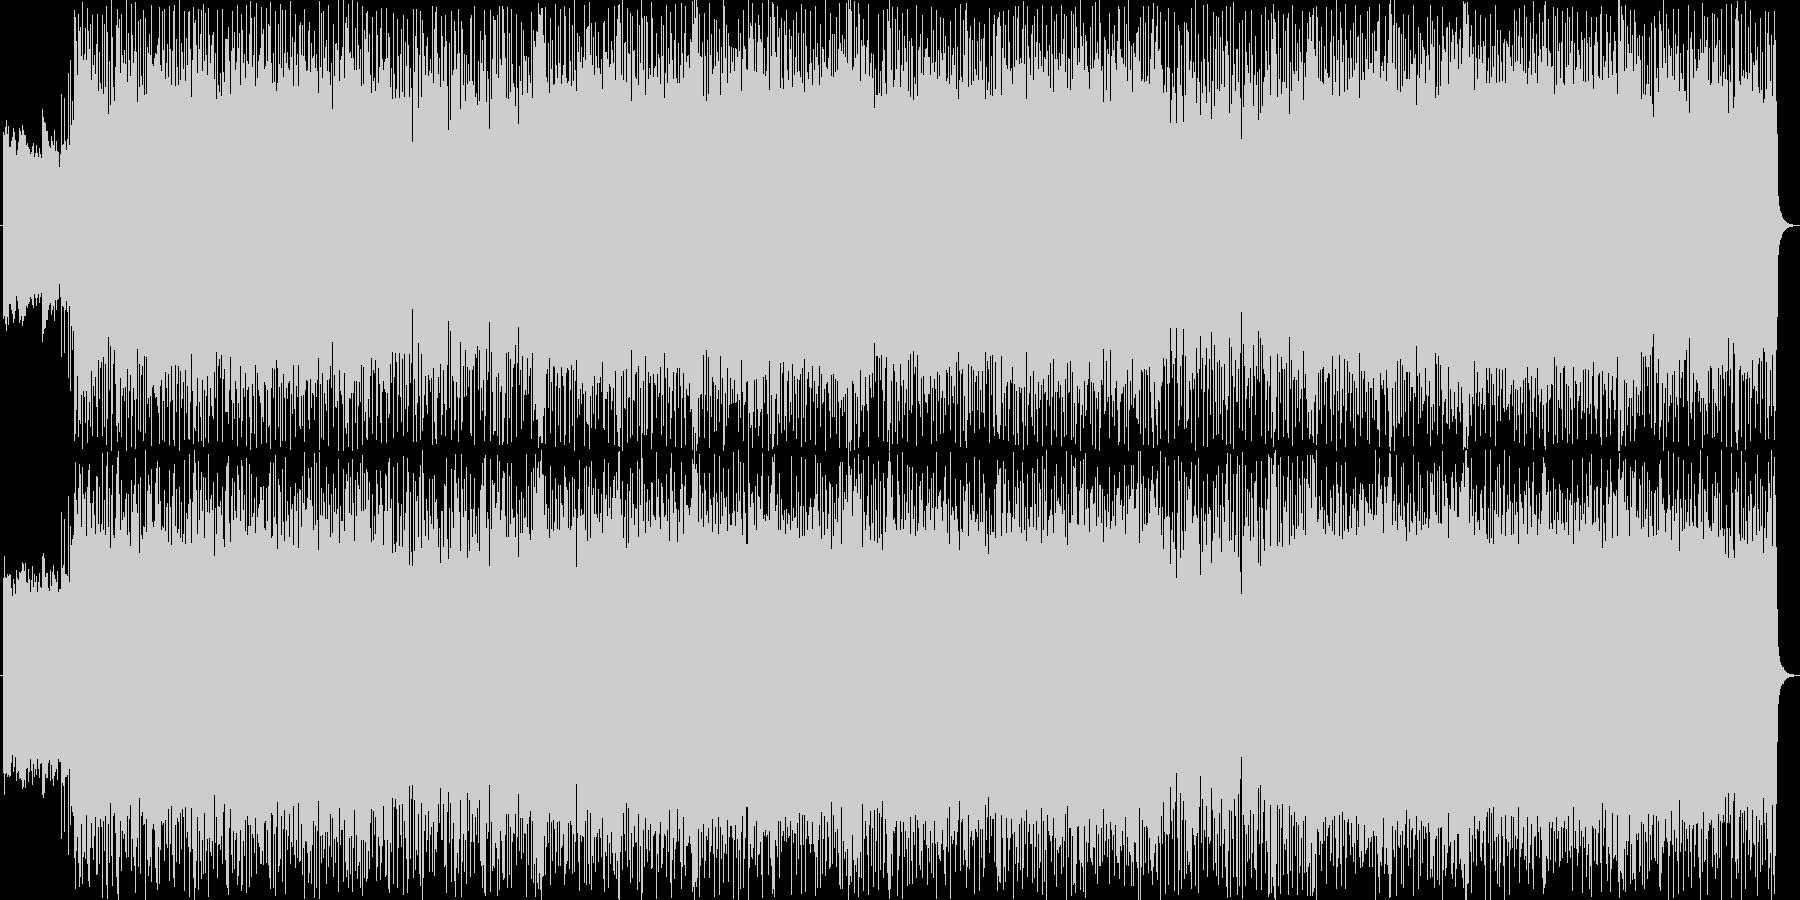 ゴシックな雰囲気のハードロックサウンドの未再生の波形